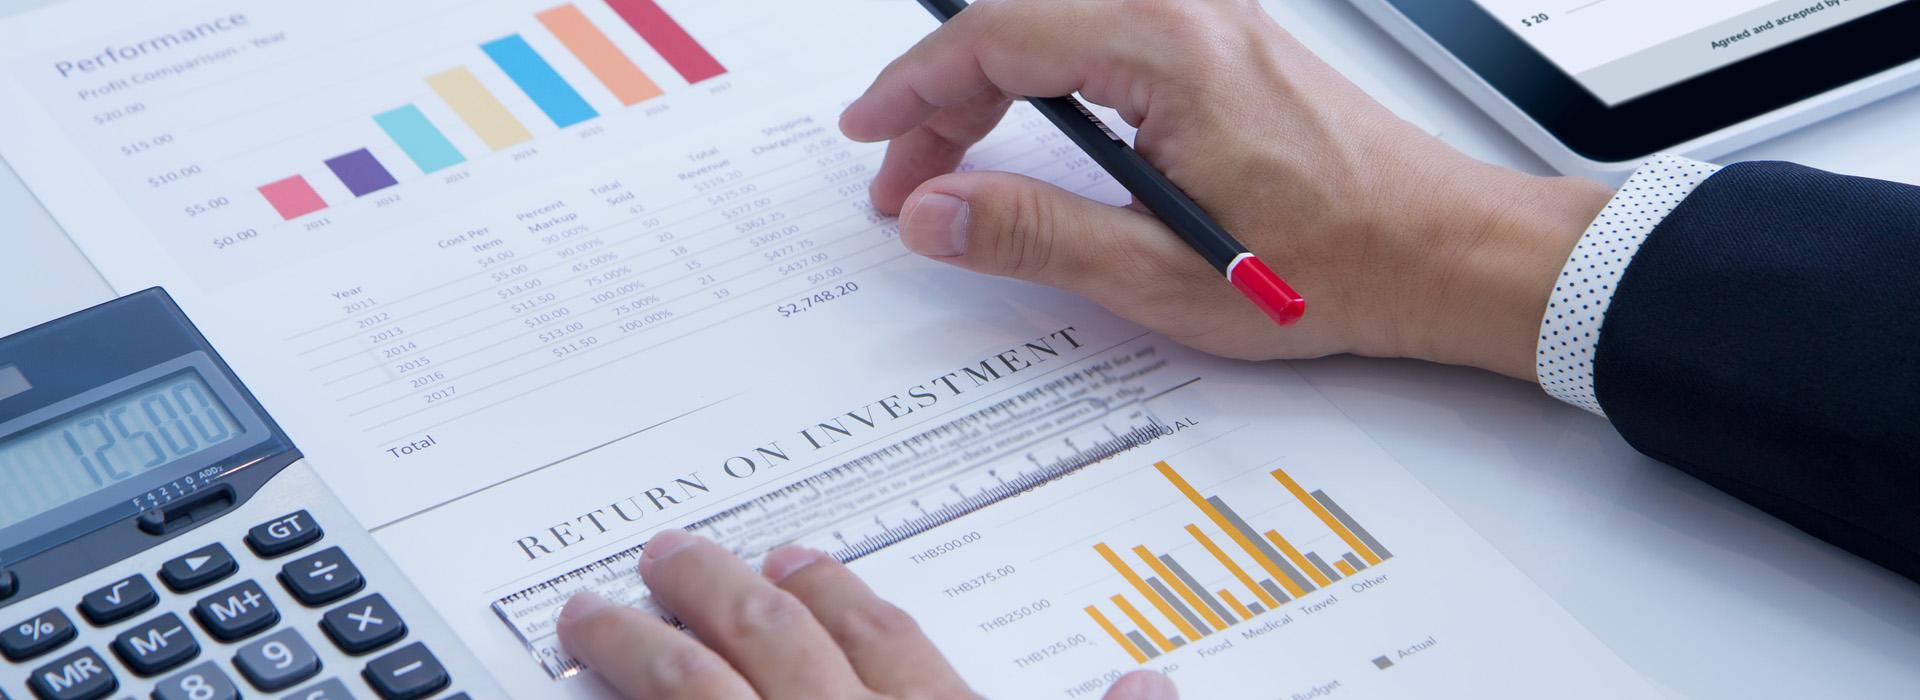 錯誤的投資理財行為,數數看你犯了哪些?